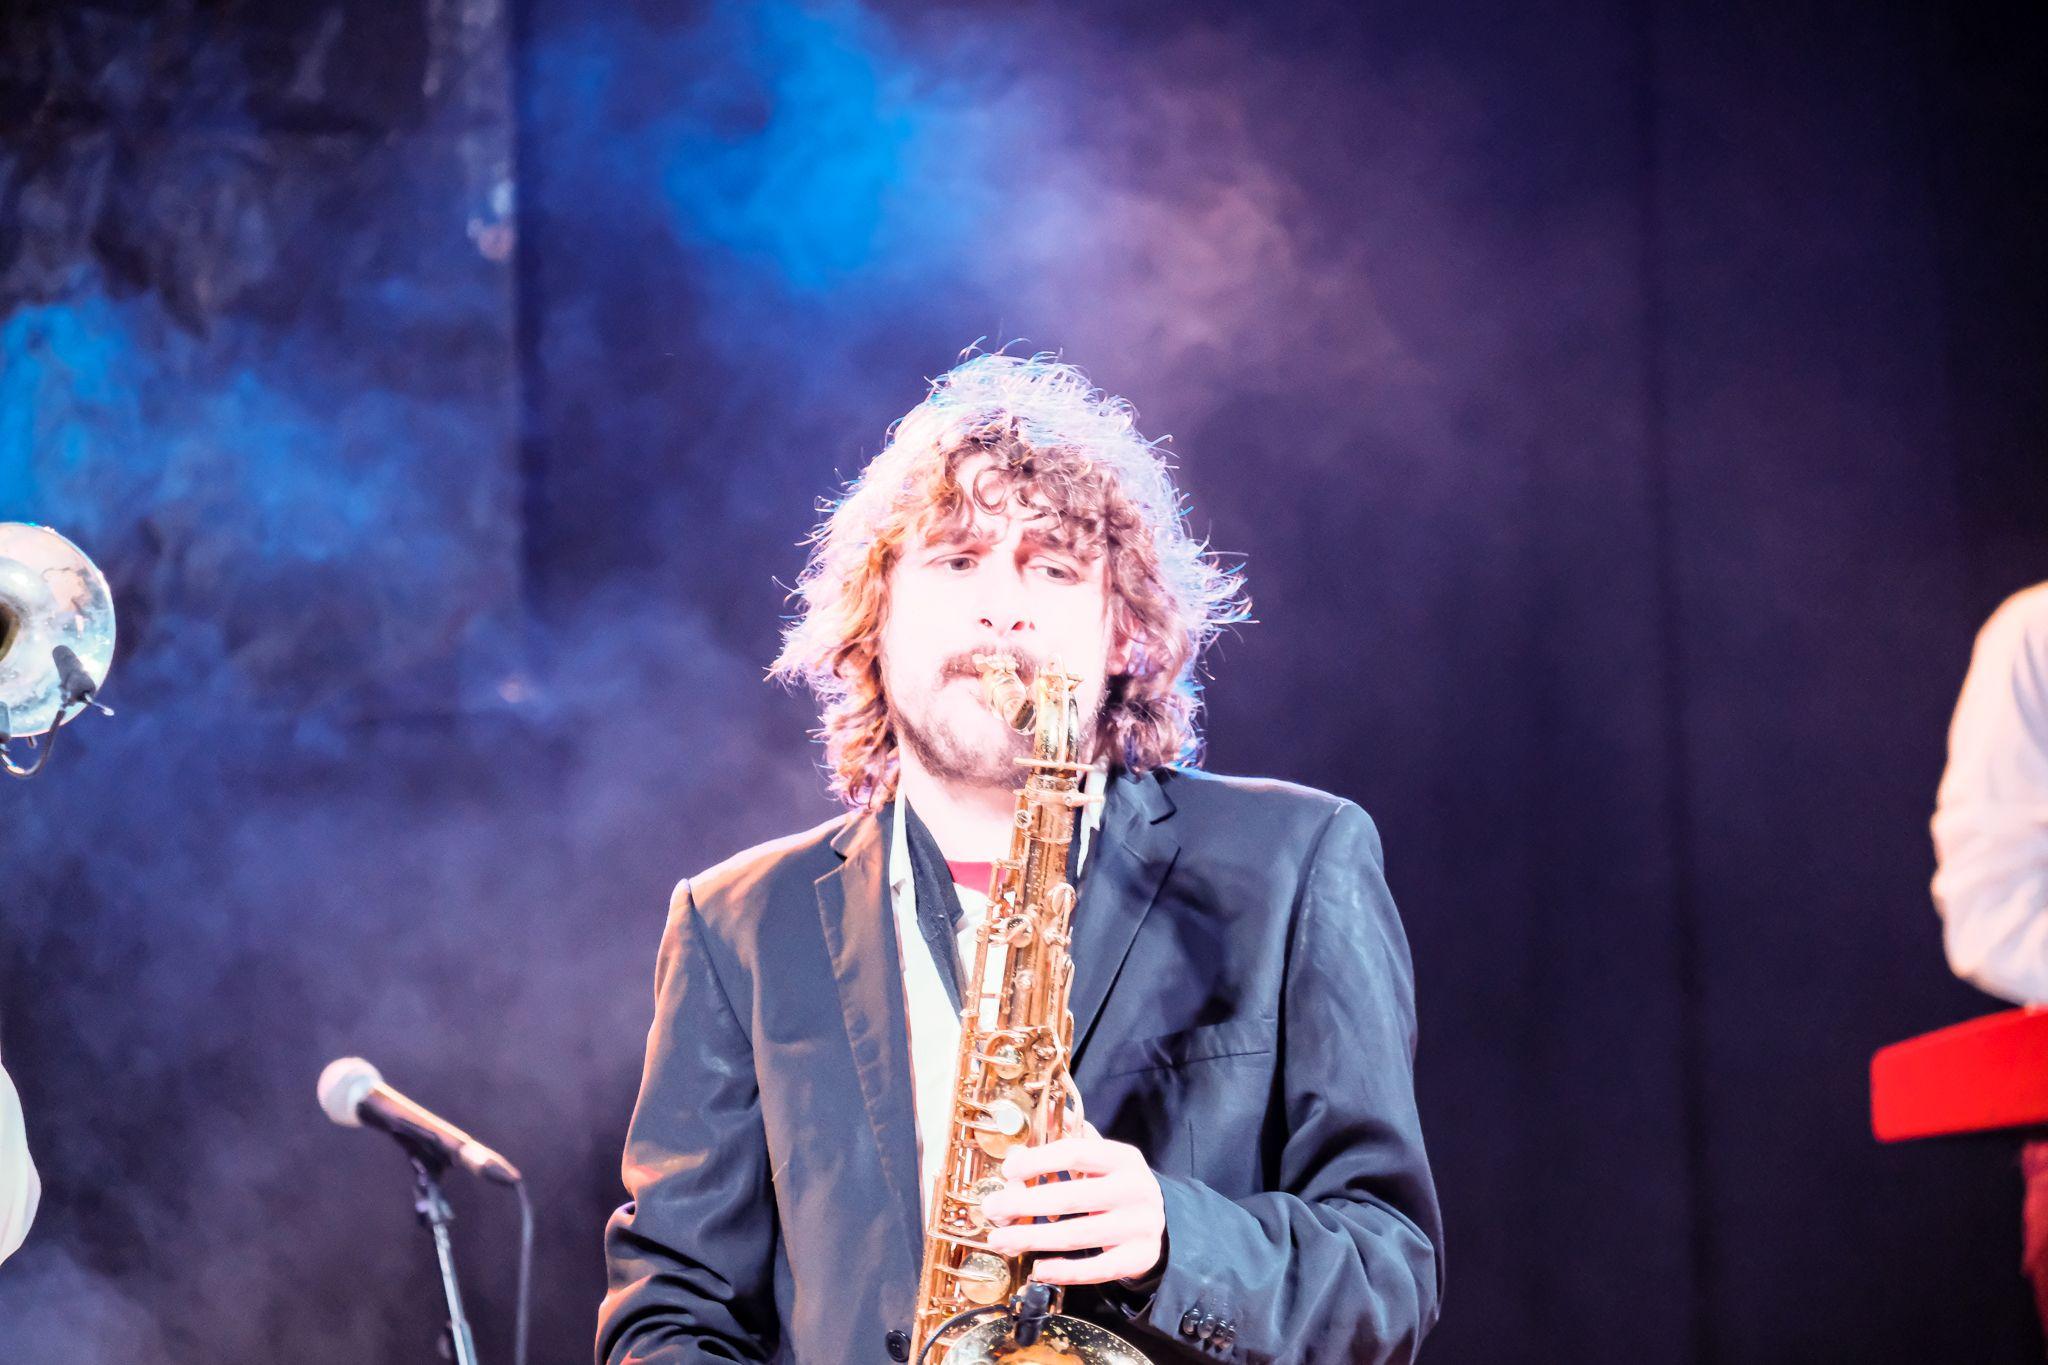 Concert de The Jukebox abans de l'entrega de premis. FOTO: Ale Gómez